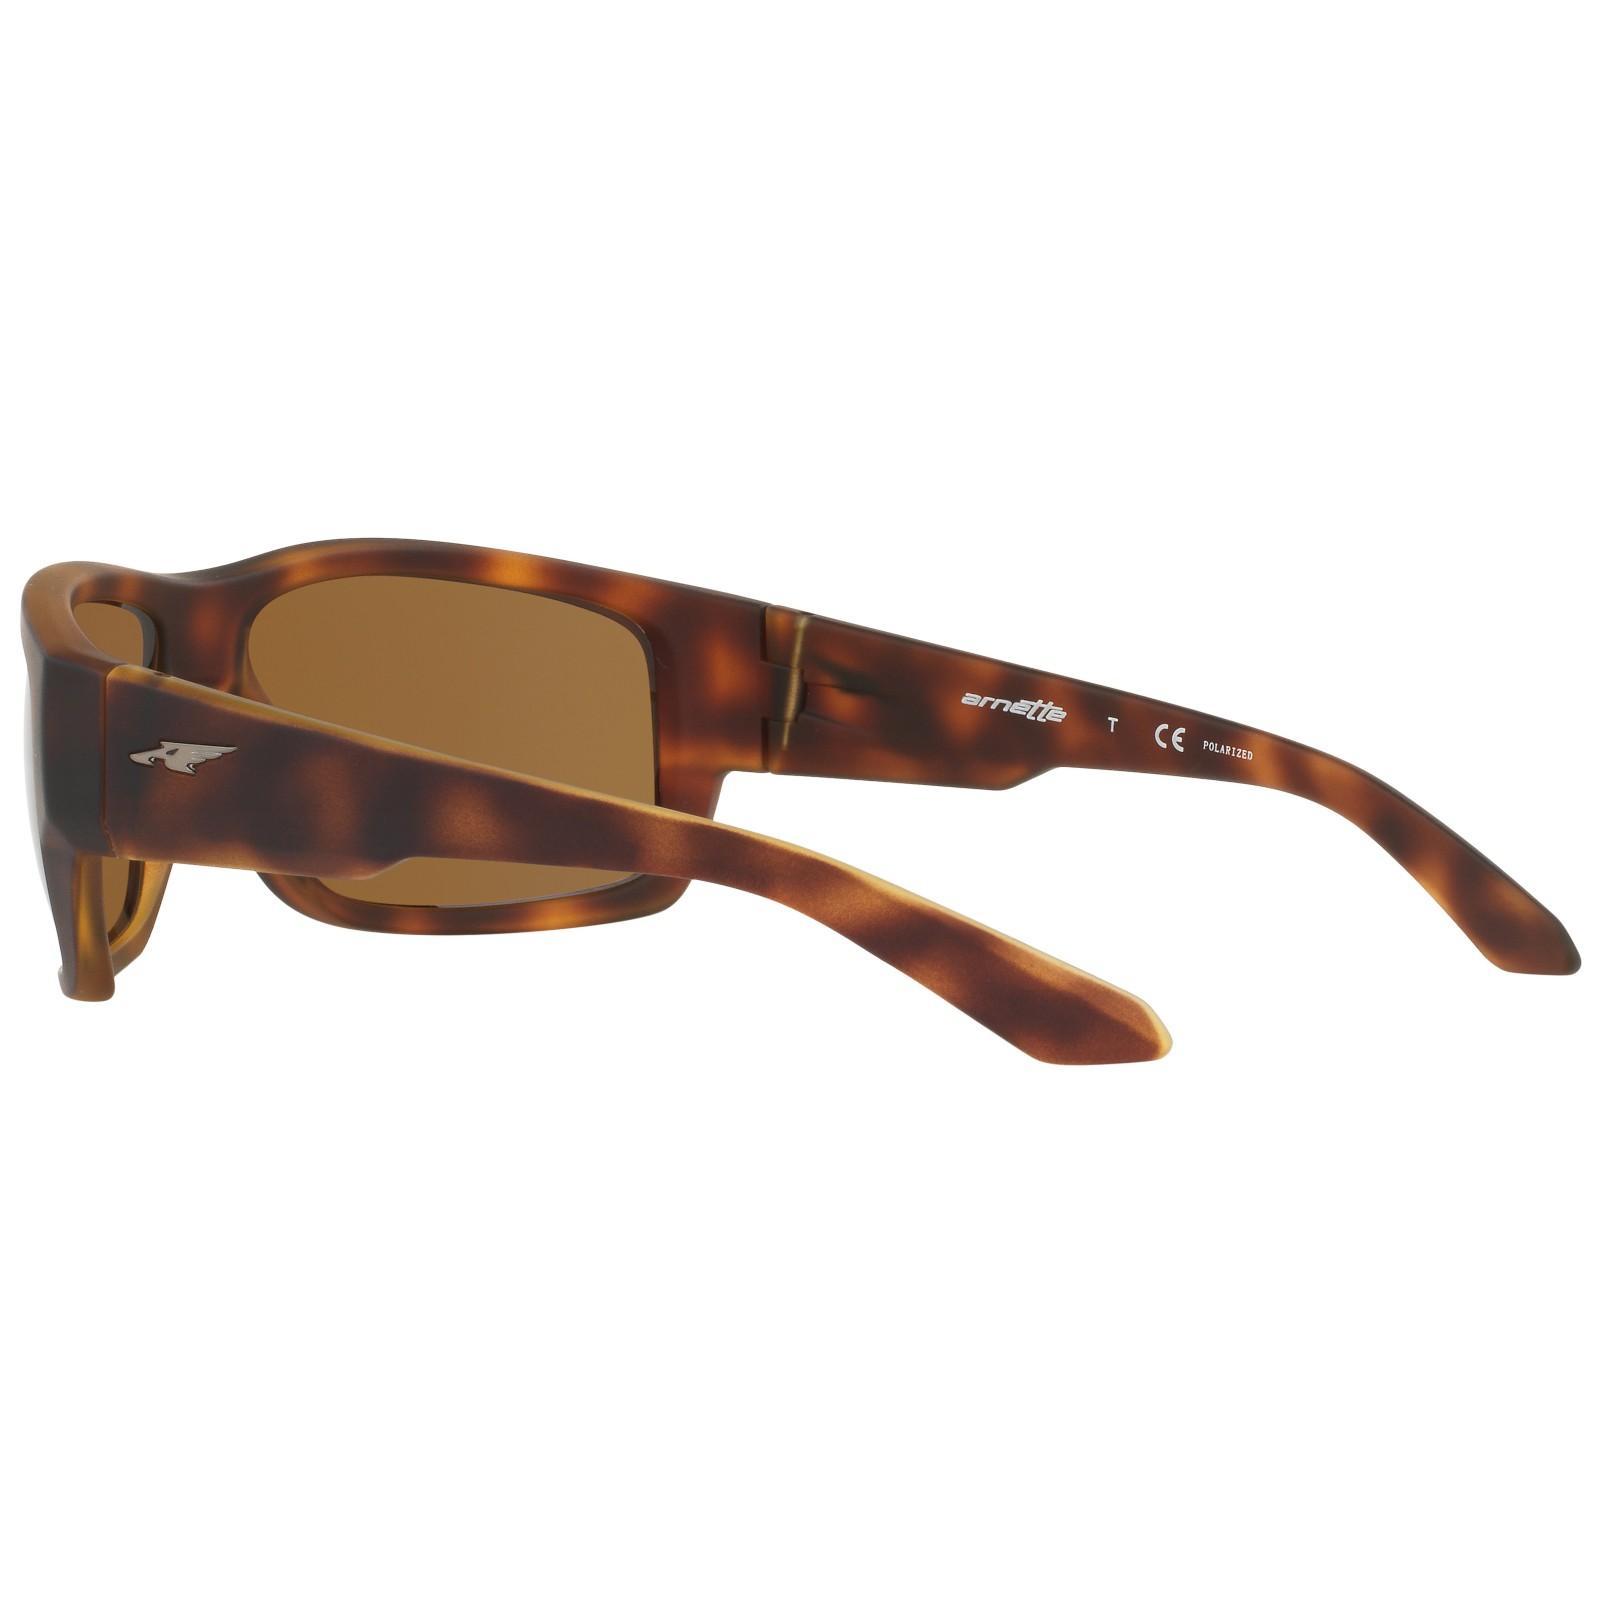 Arnette An4221 Rectangular Polarised Sunglasses in Tortoise (Brown)